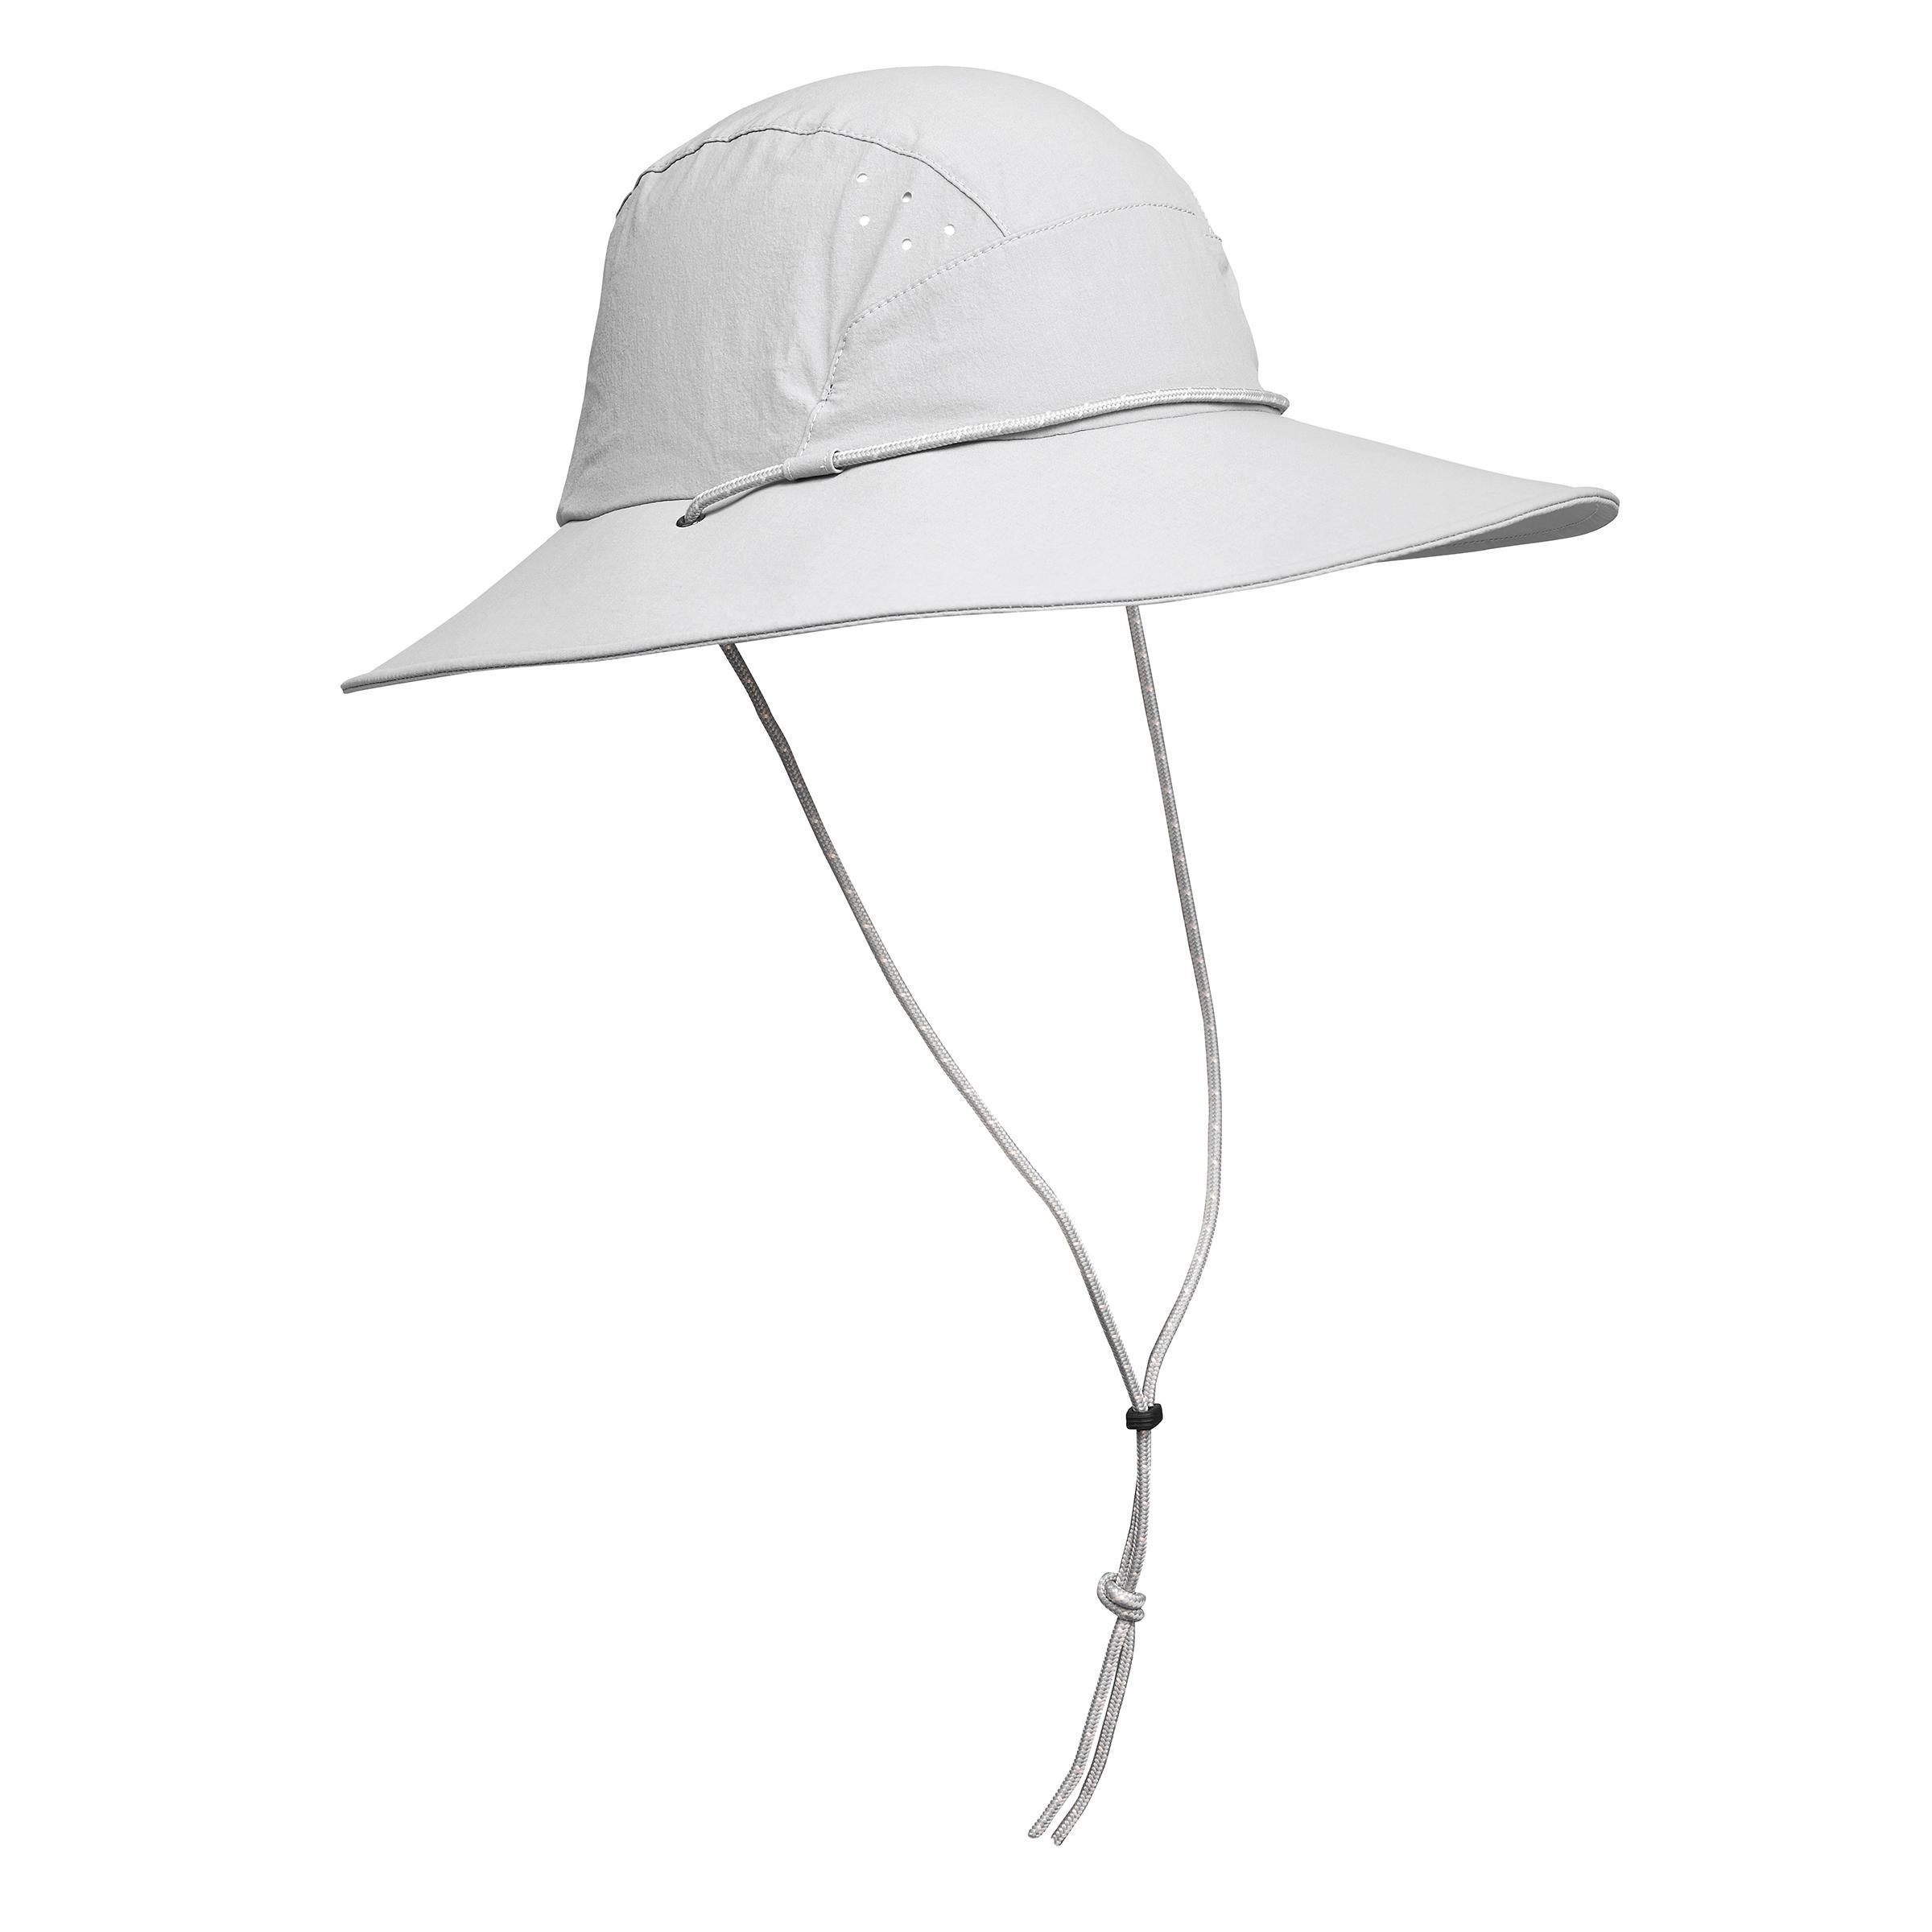 e522173d1 Comprar Sombreros para Deporte | Decathlon